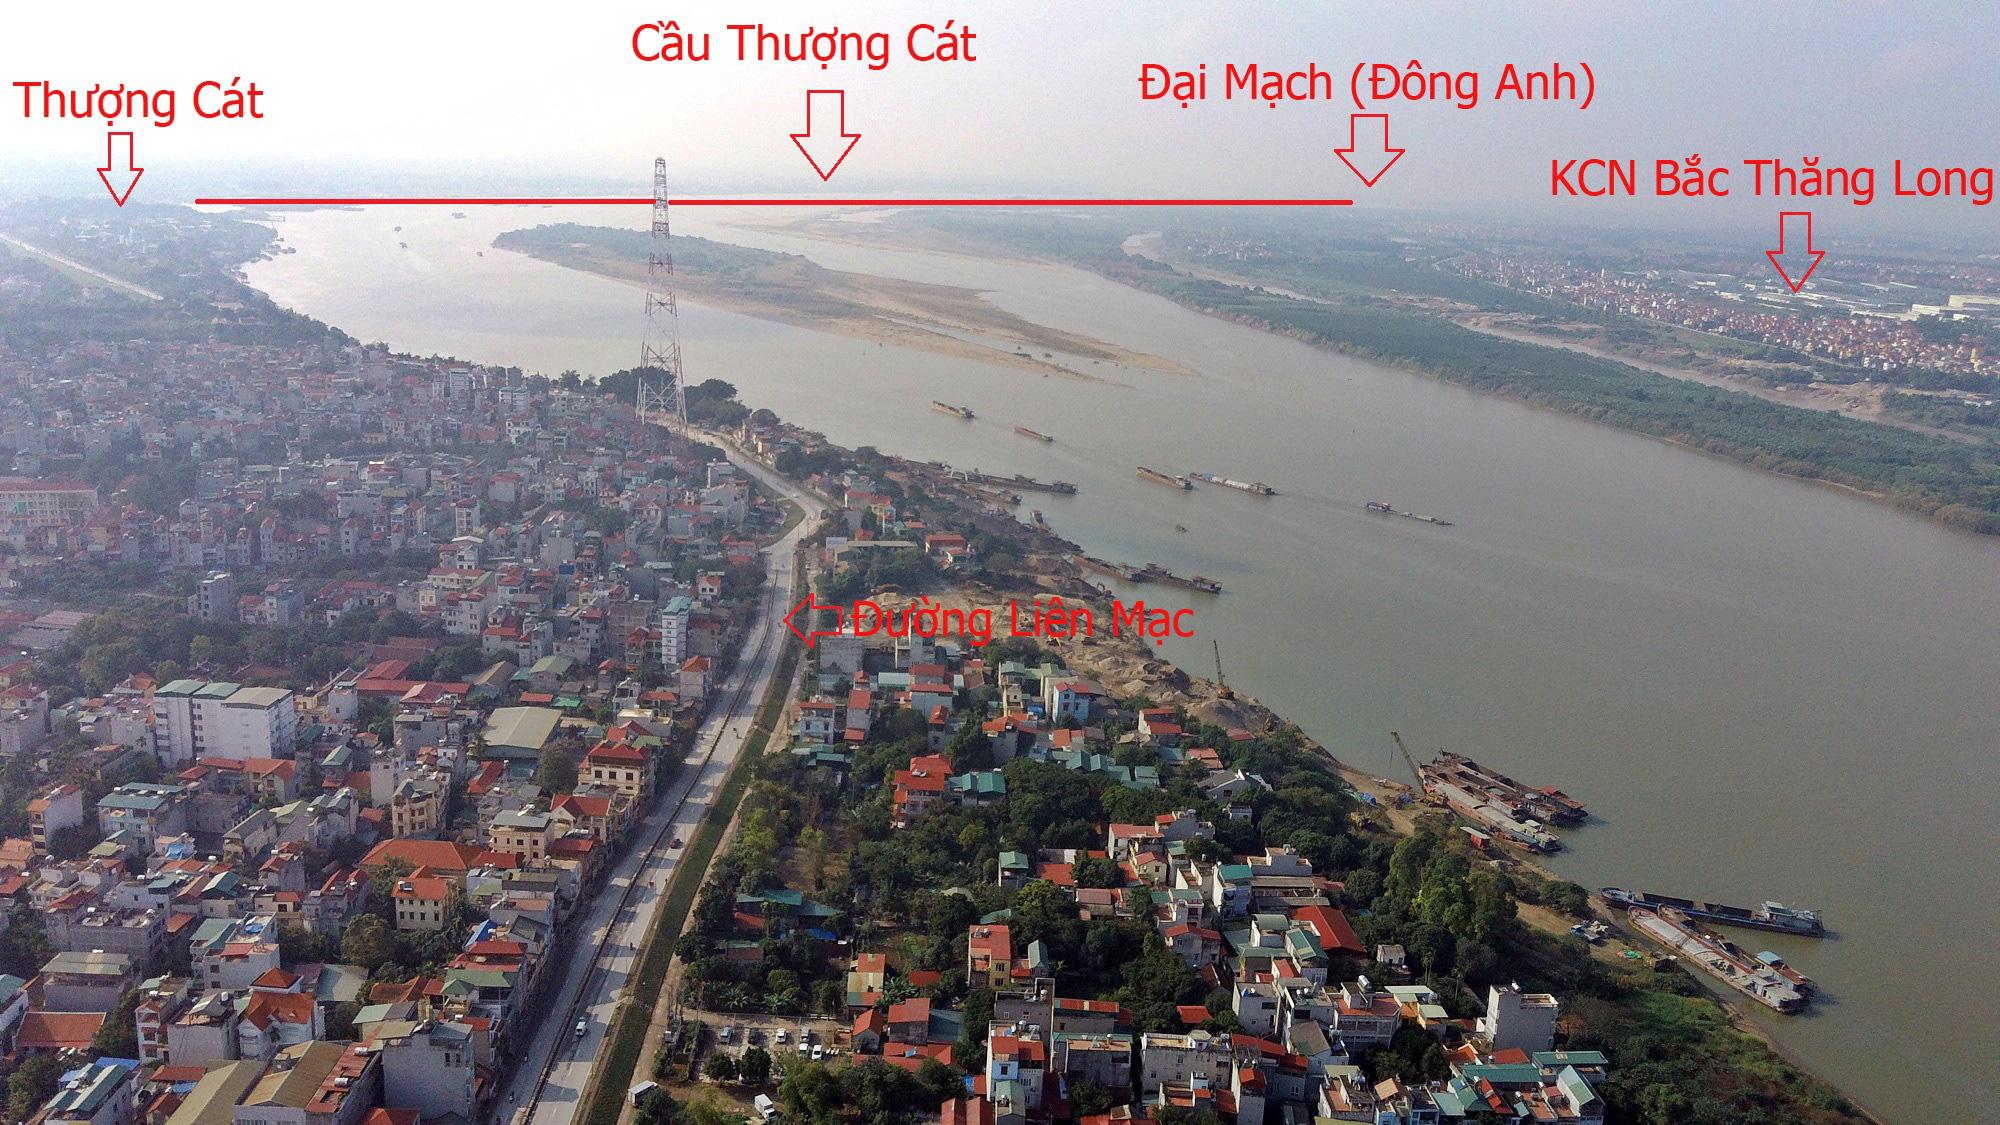 Những dự án sẽ hưởng lợi từ qui hoạch cầu Thượng Cát, Hà Nội - Ảnh 3.